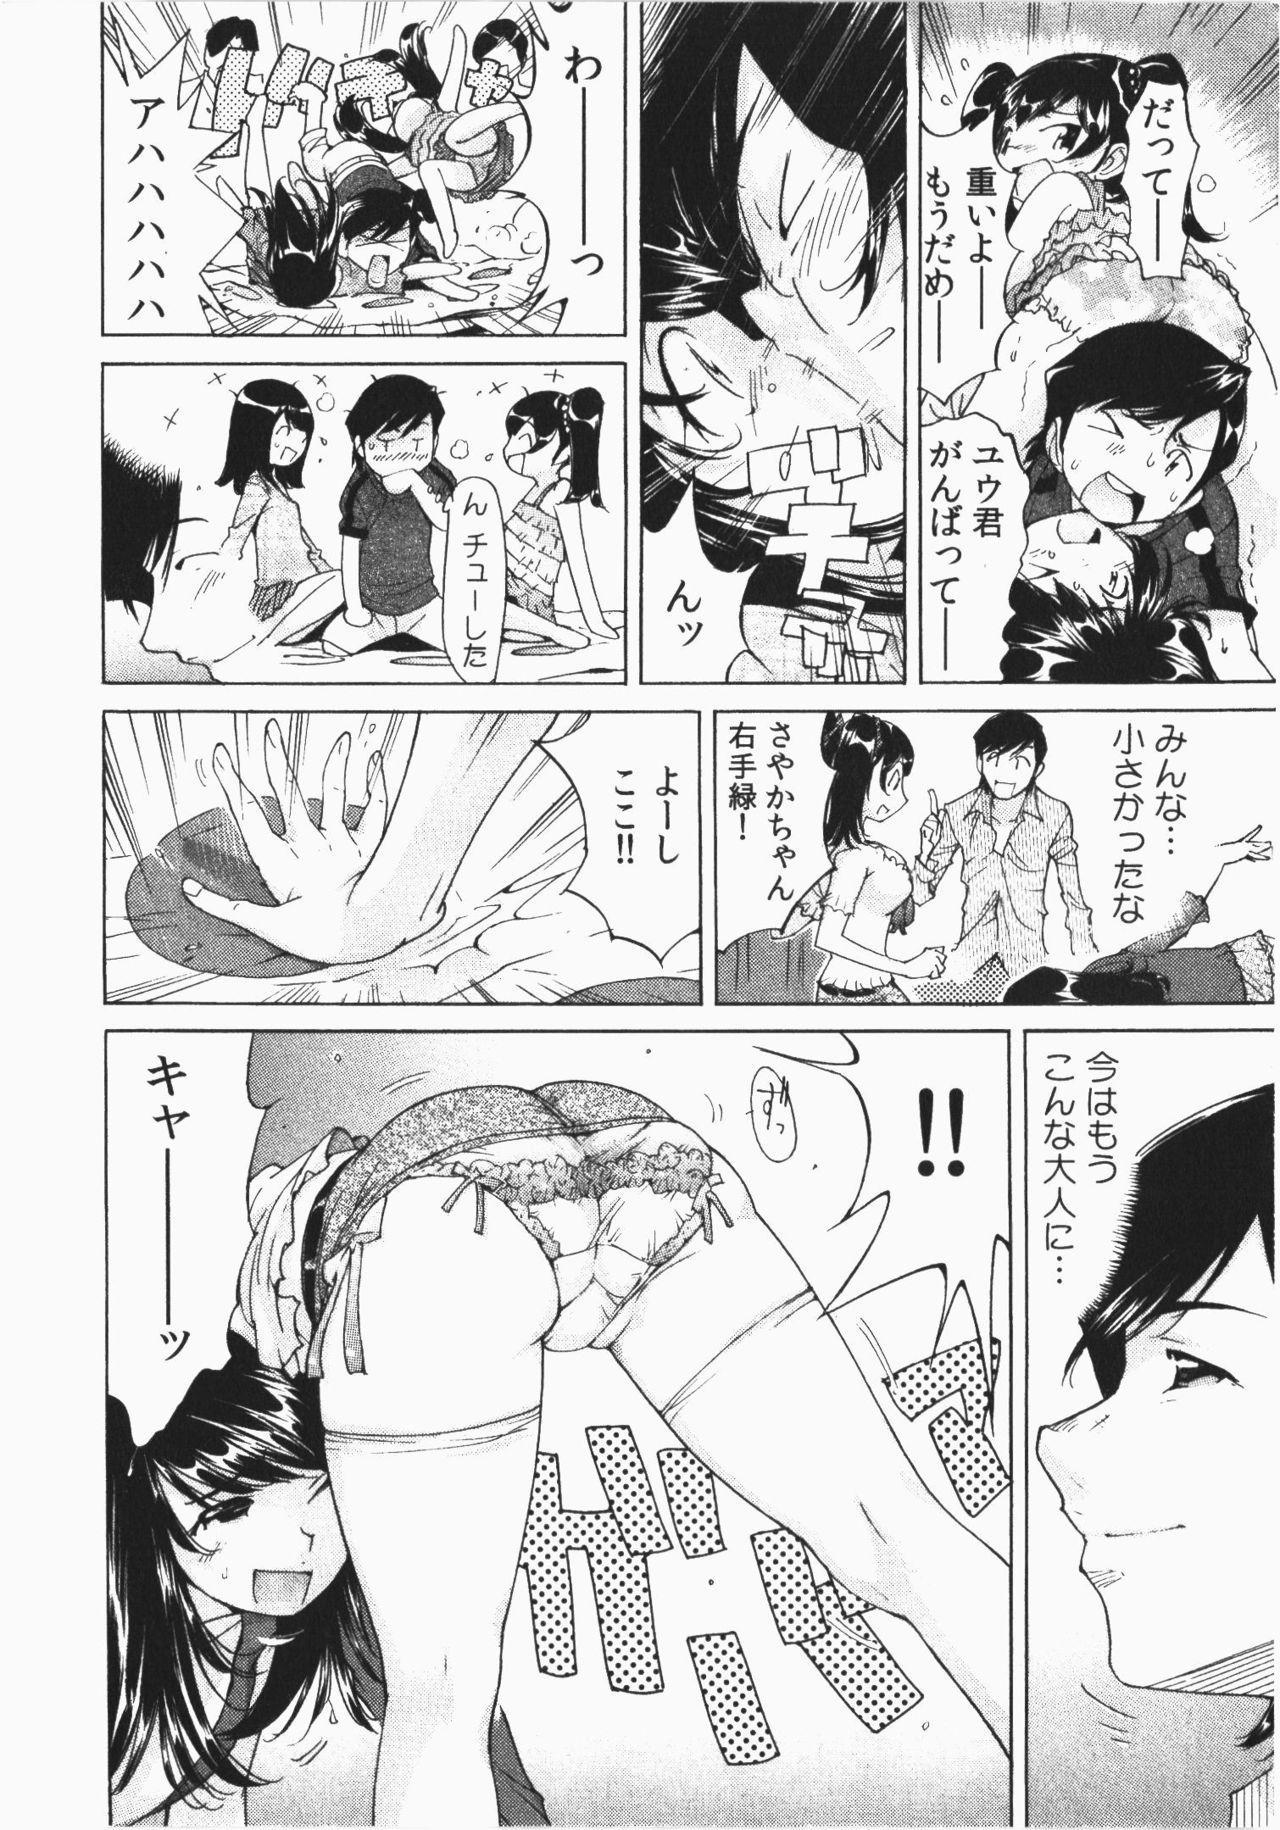 Ukkari Haicchatta! Itoko to Micchaku Game Chuu 9